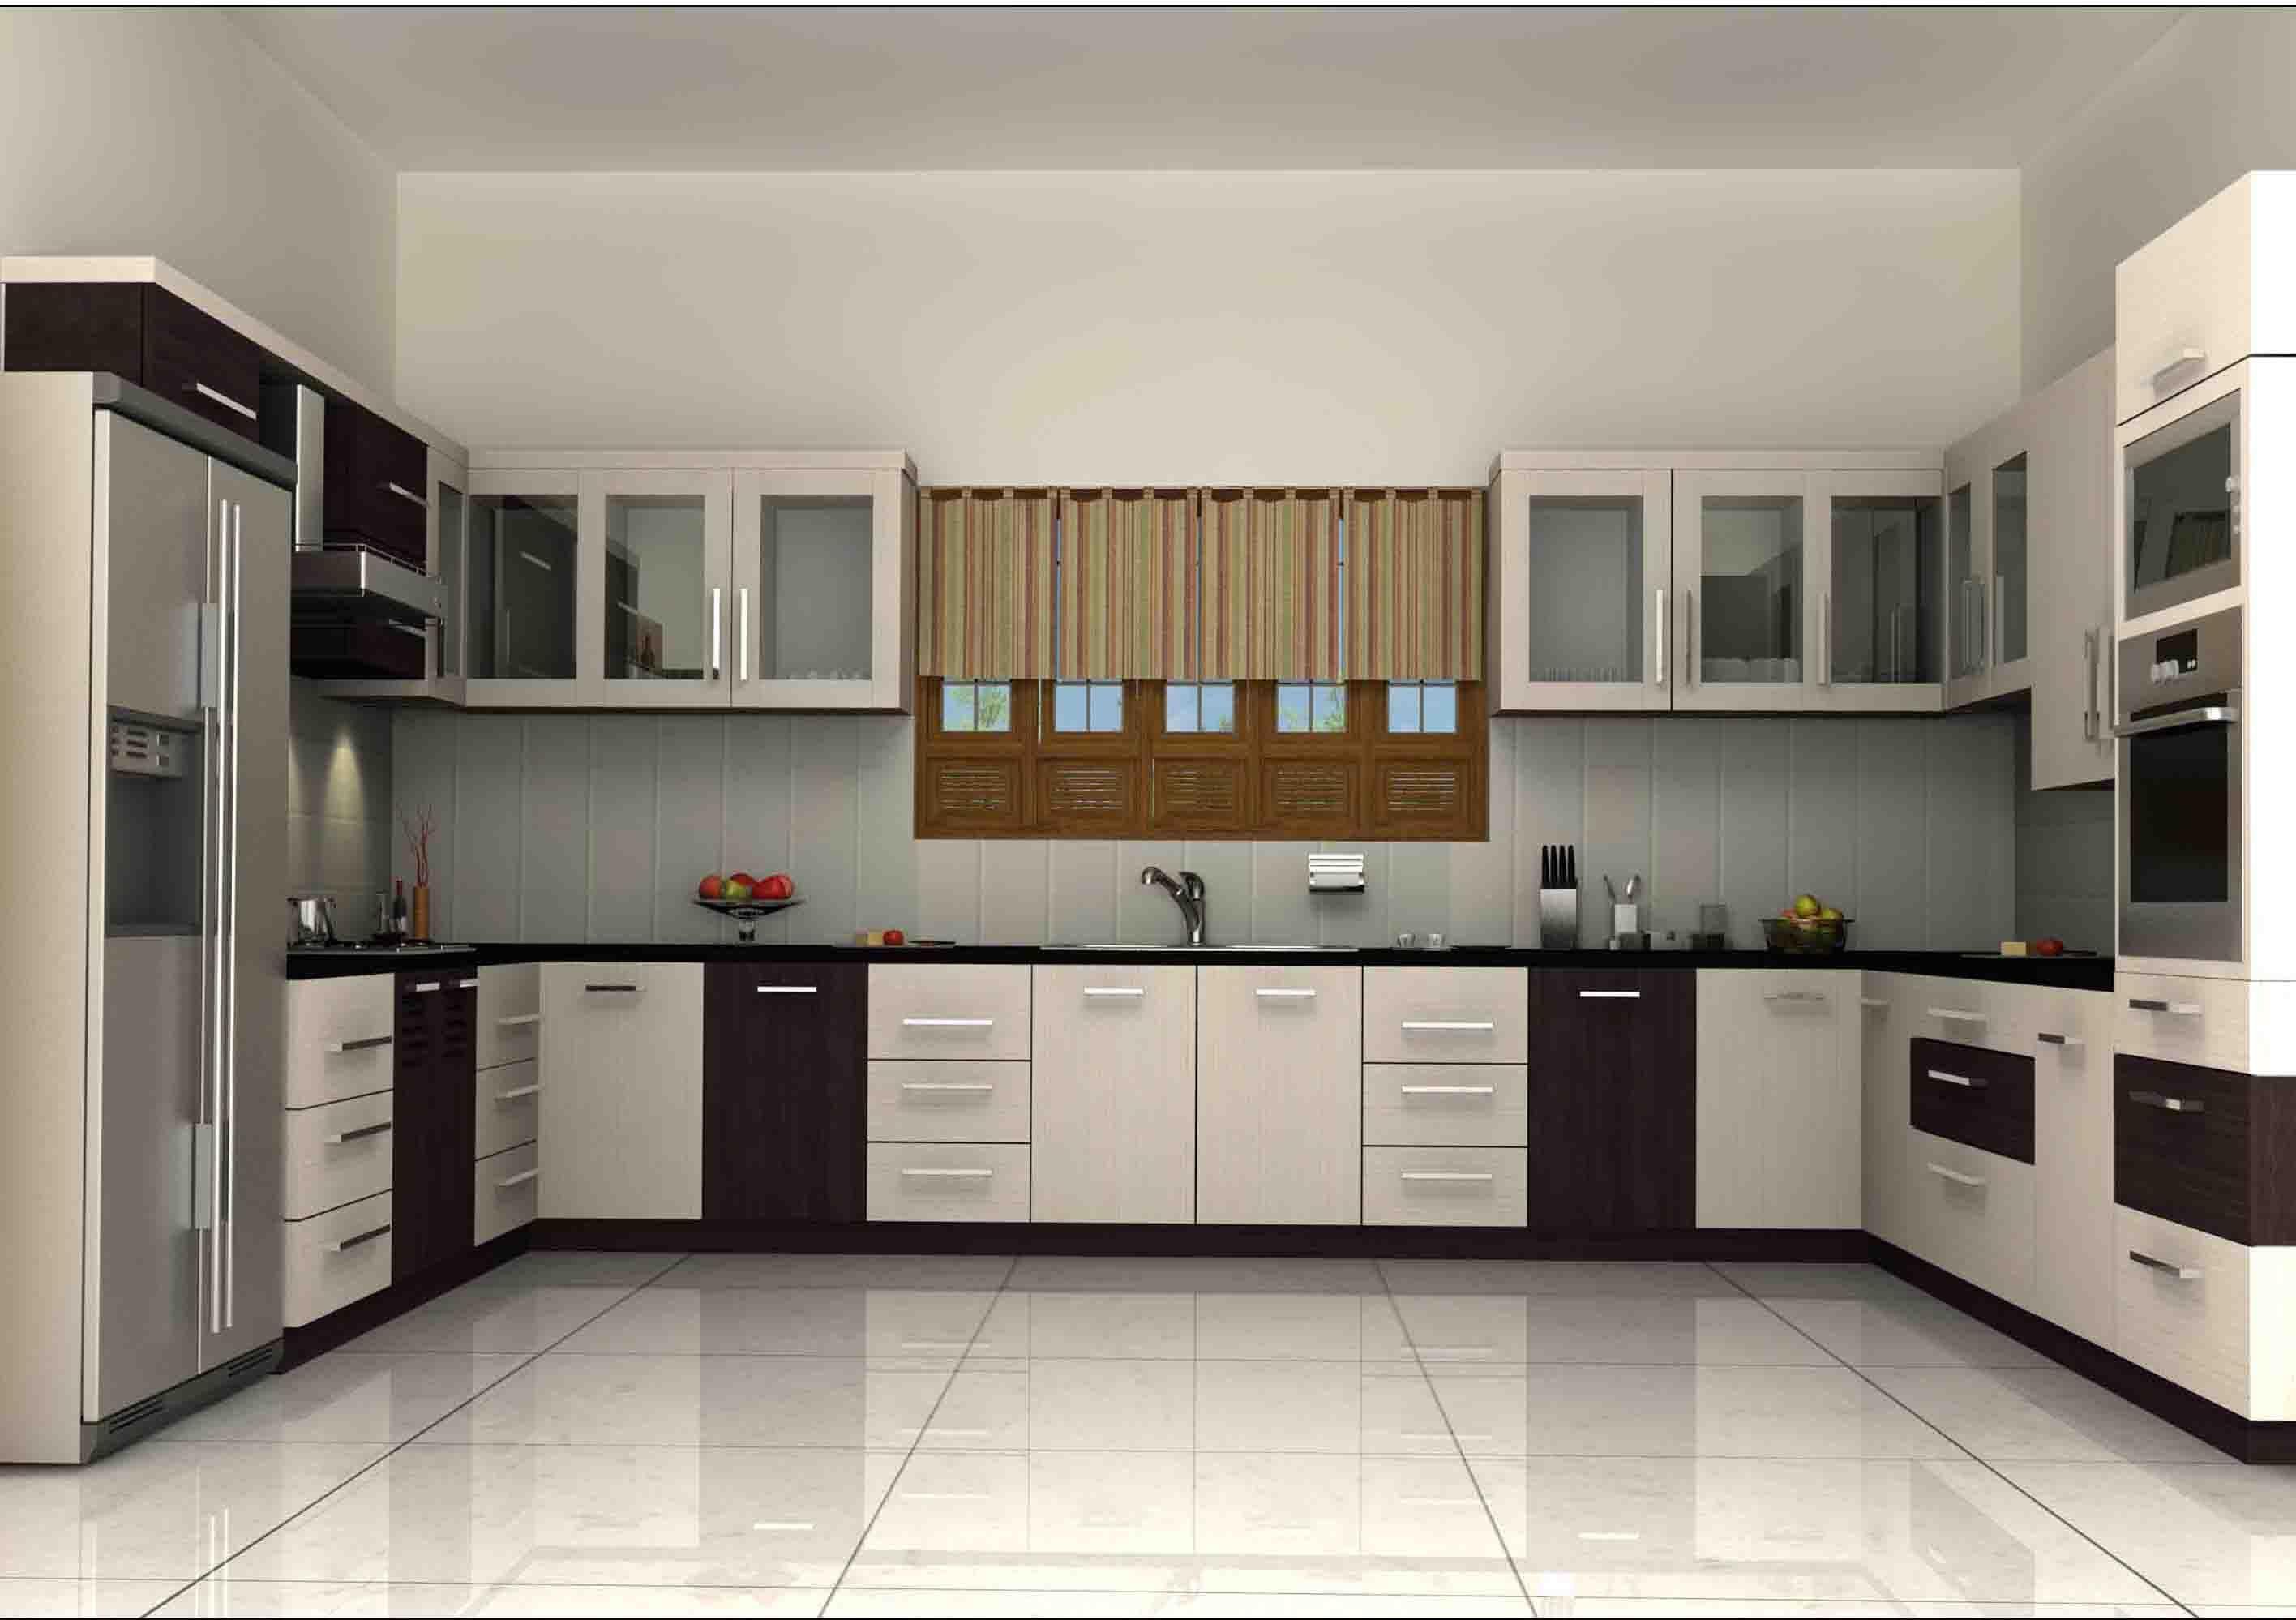 Indian kitchen interior design photos - 17 Best Images About Modular Kitchen On Top Interior